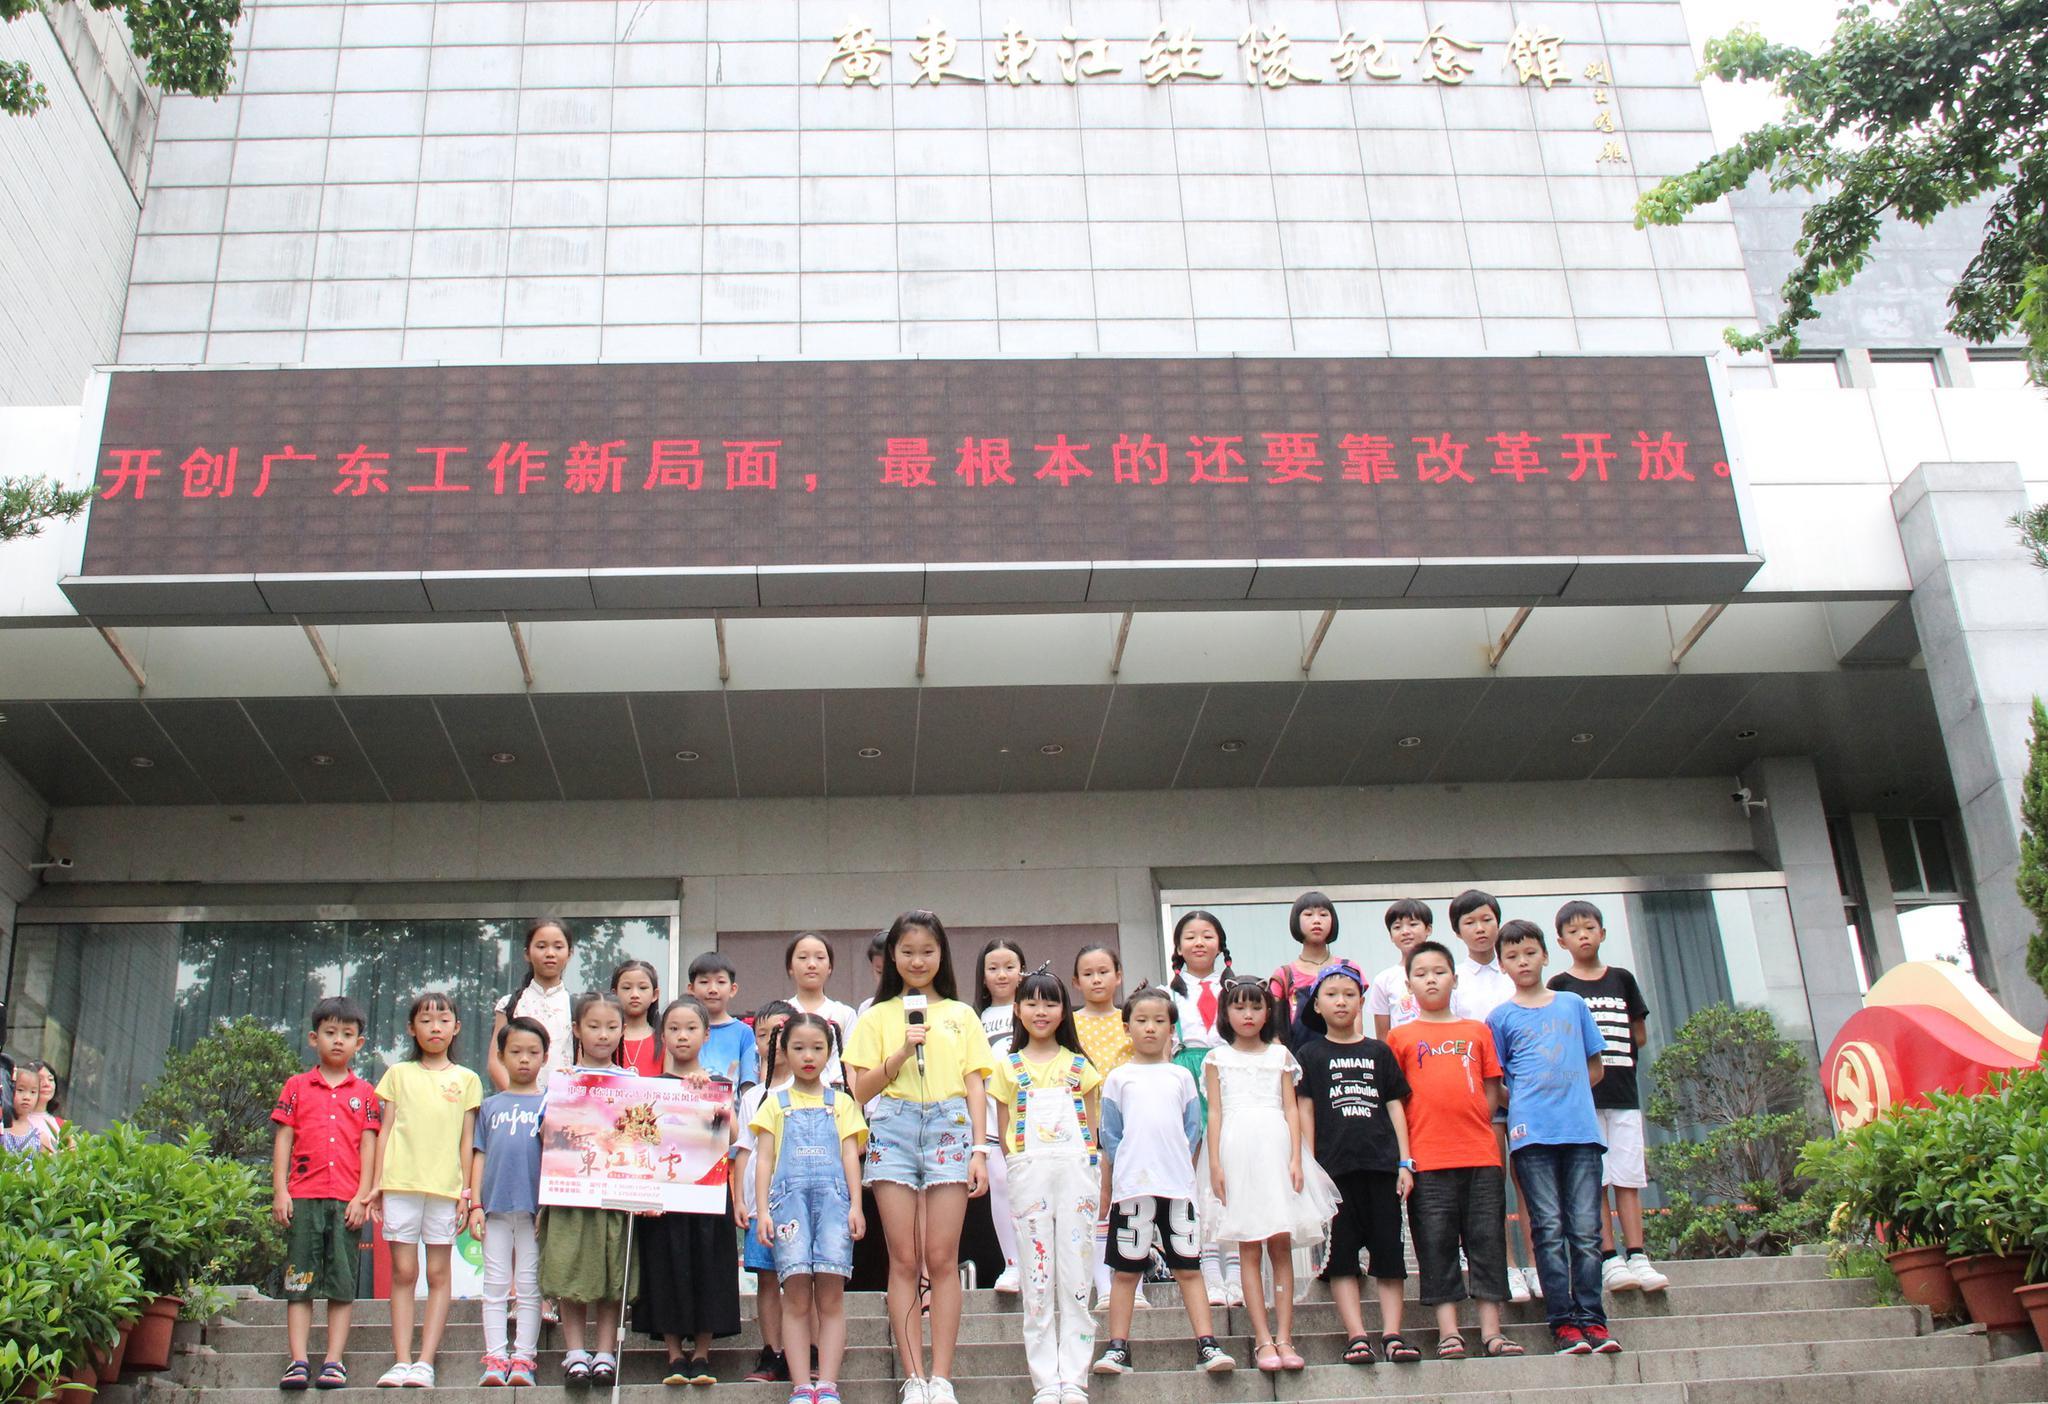 電影《東江風云》特約小演員到廣東東江縱隊紀念館采風|東江縱隊...